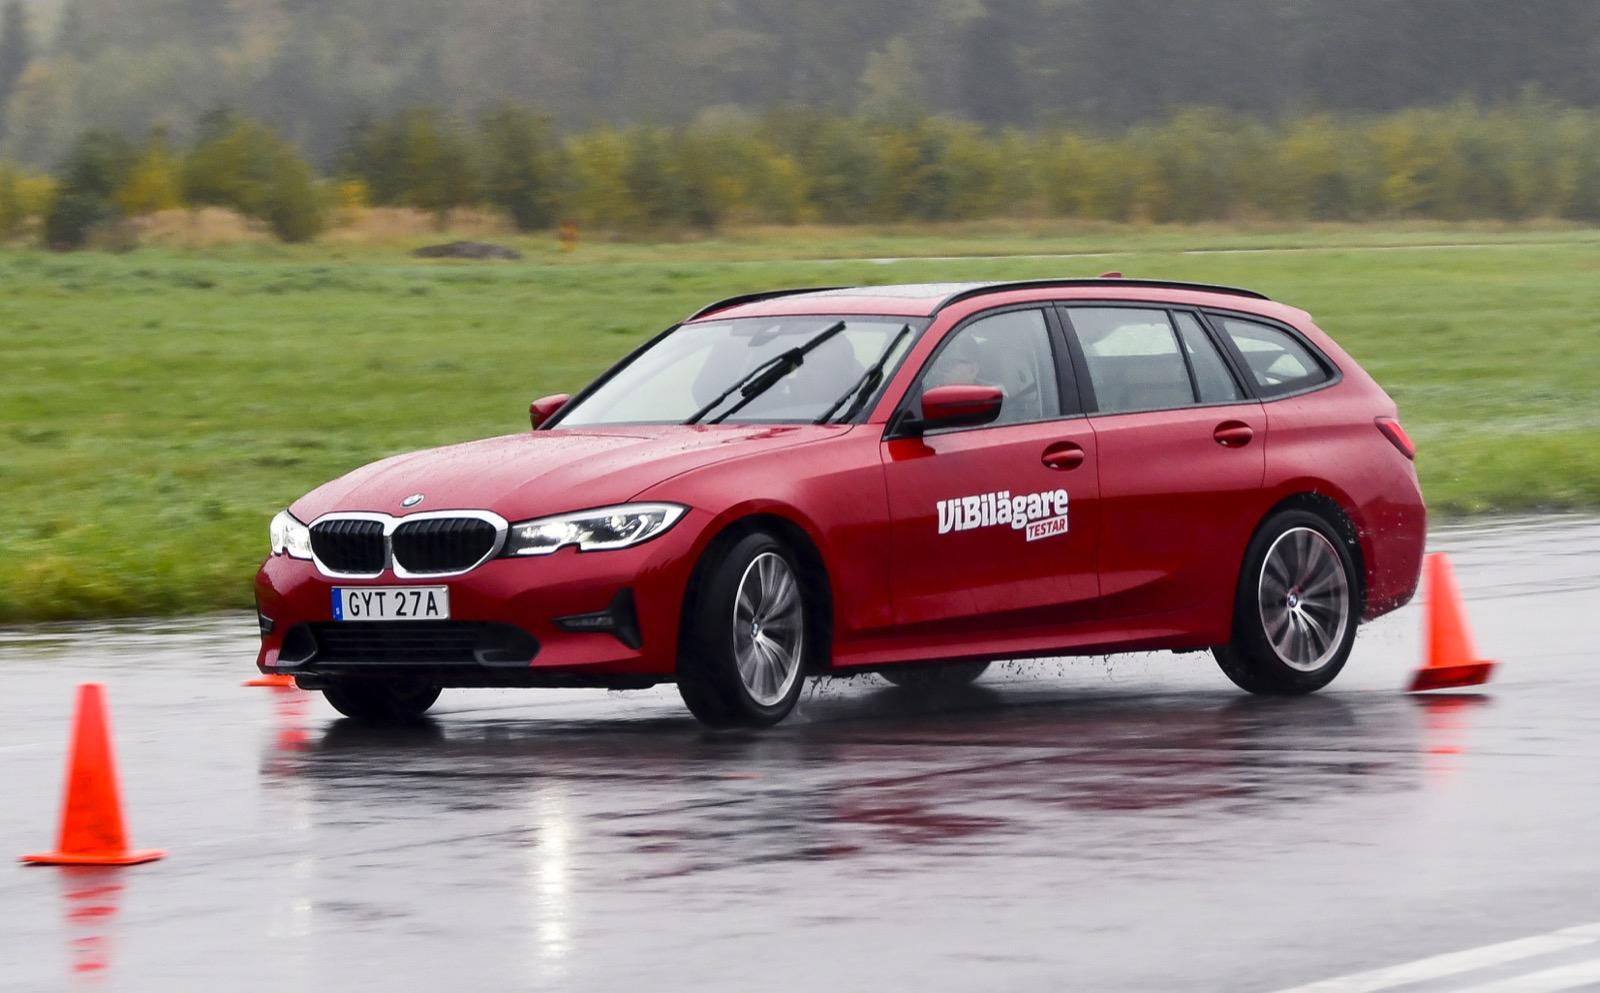 När höstregnet drog in lagom till undanmanöverprovet fick BMW stora problem. Den kvicka styrningen vred bort framvagnsgreppet med kraftig understyrning som resultat.